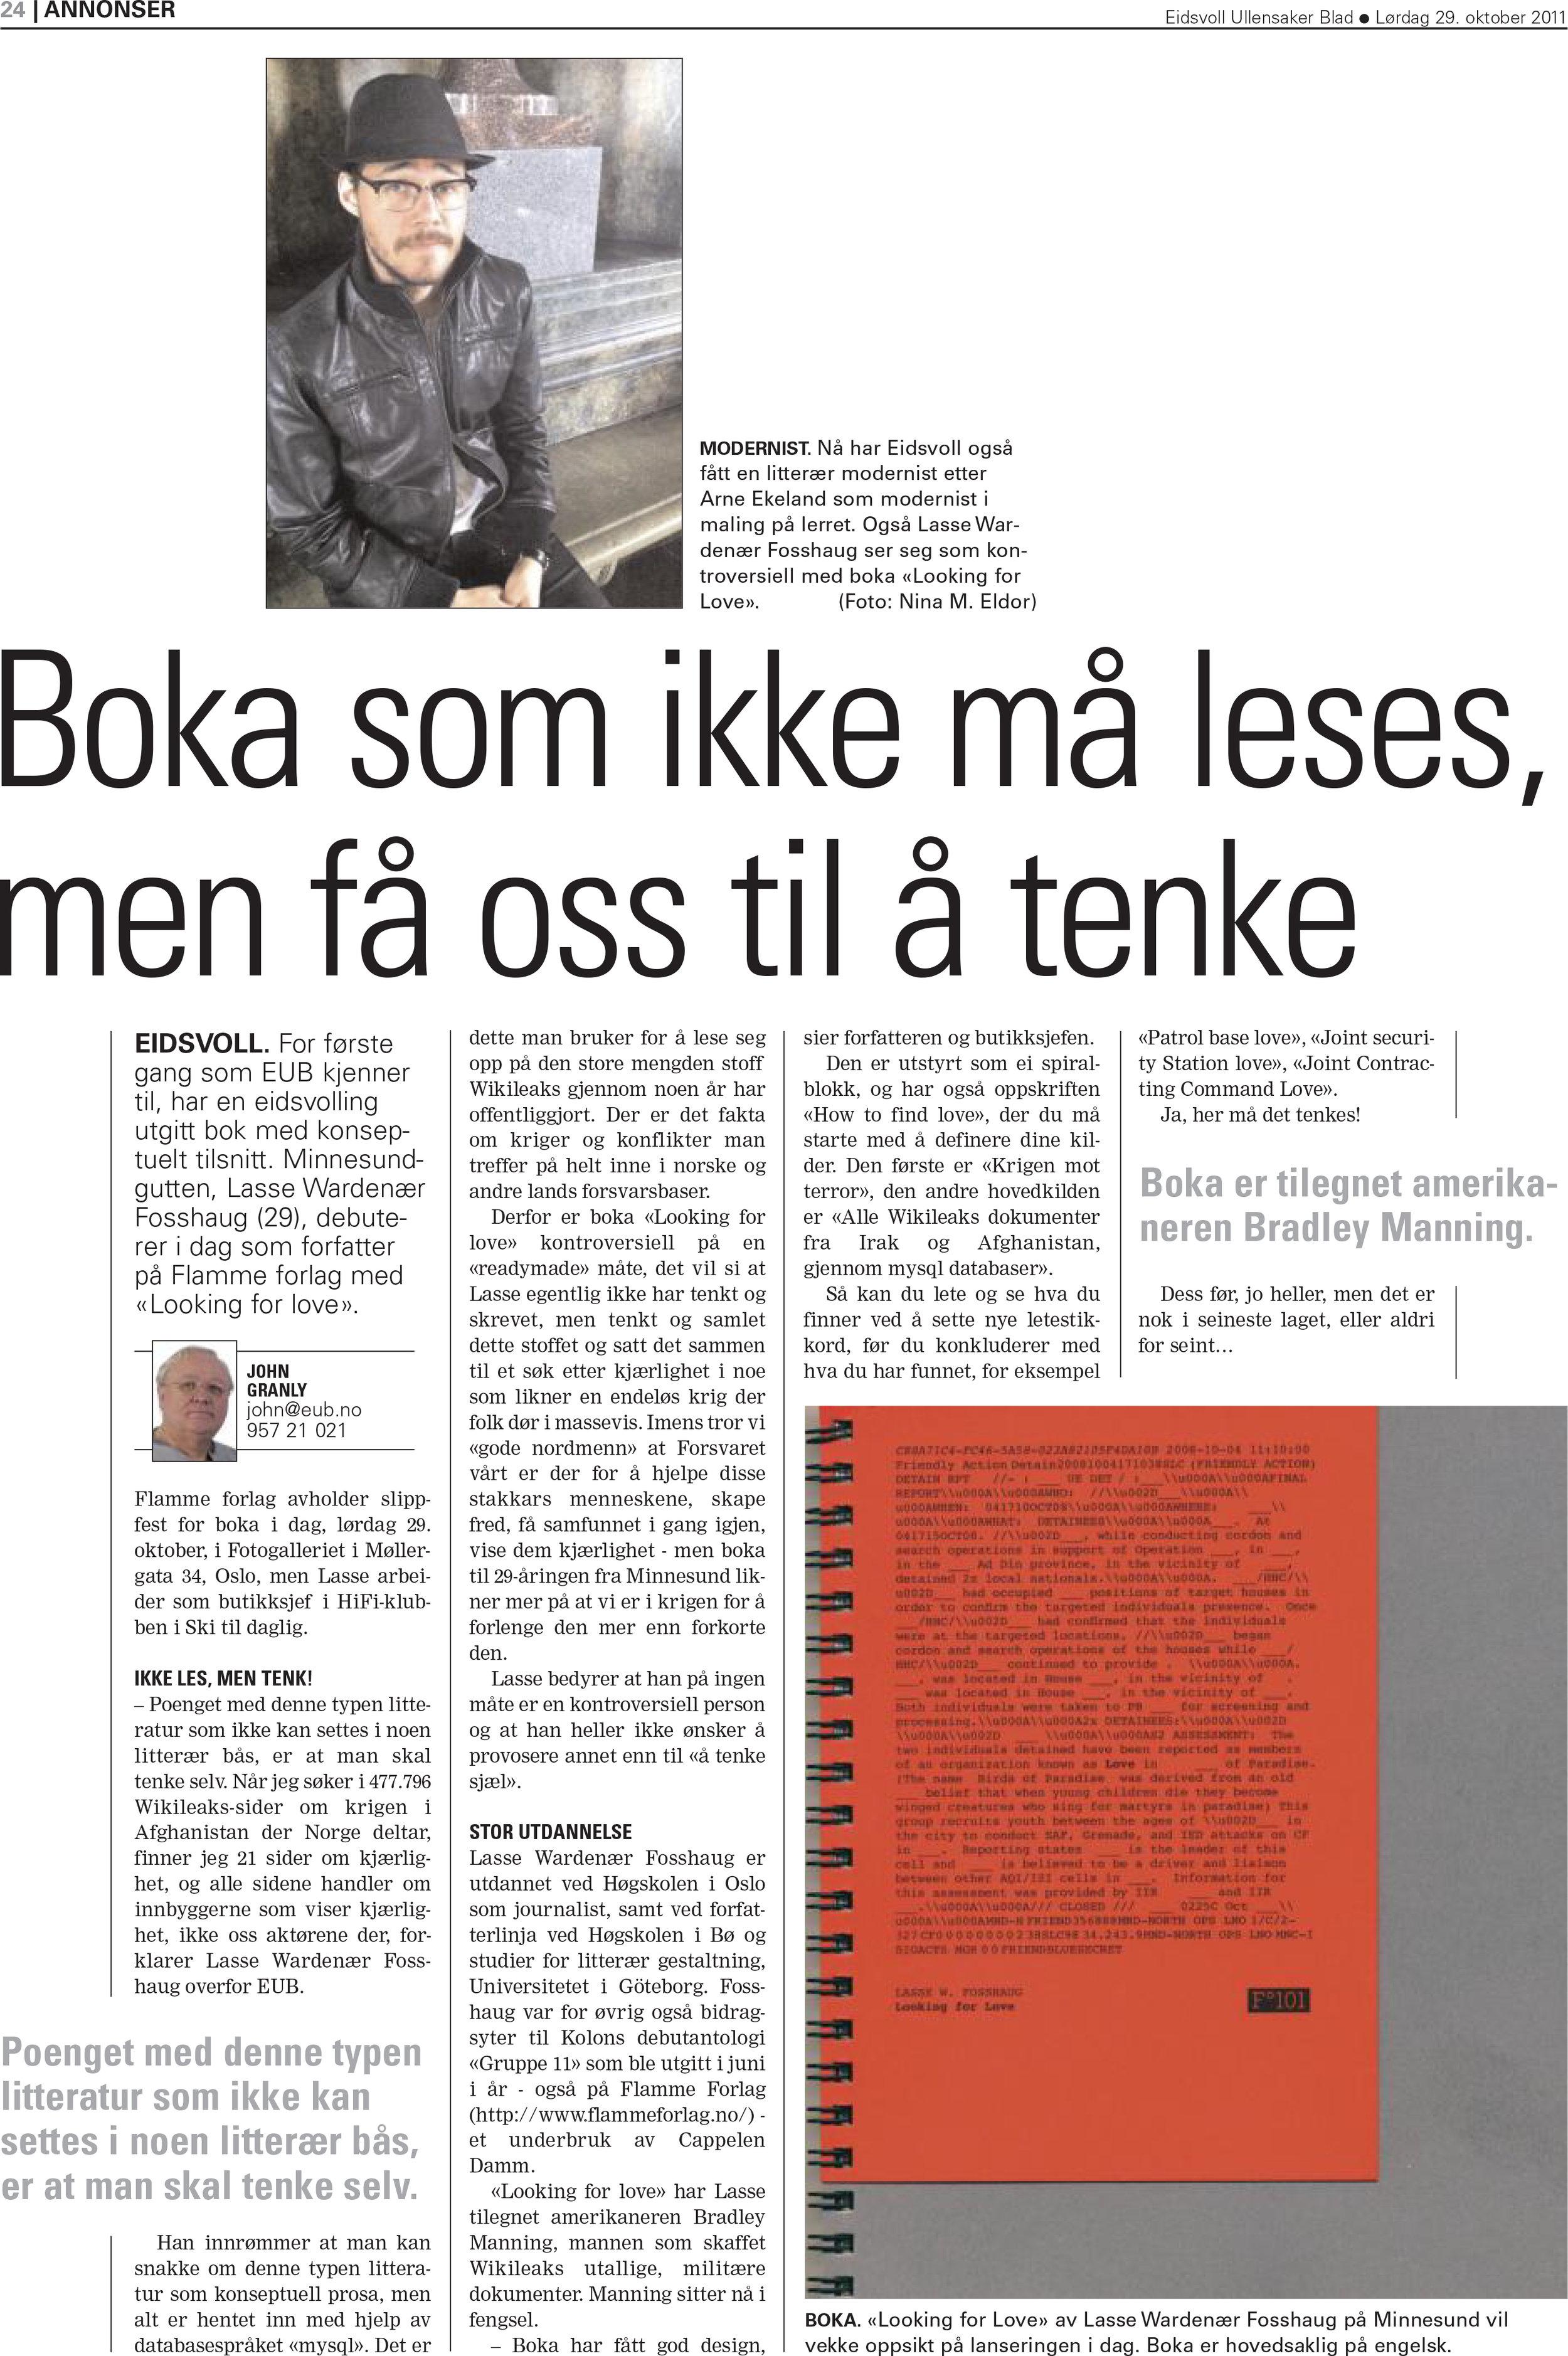 Faksimile Eidsvoll Ullensaker Blad 29. oktober 2011